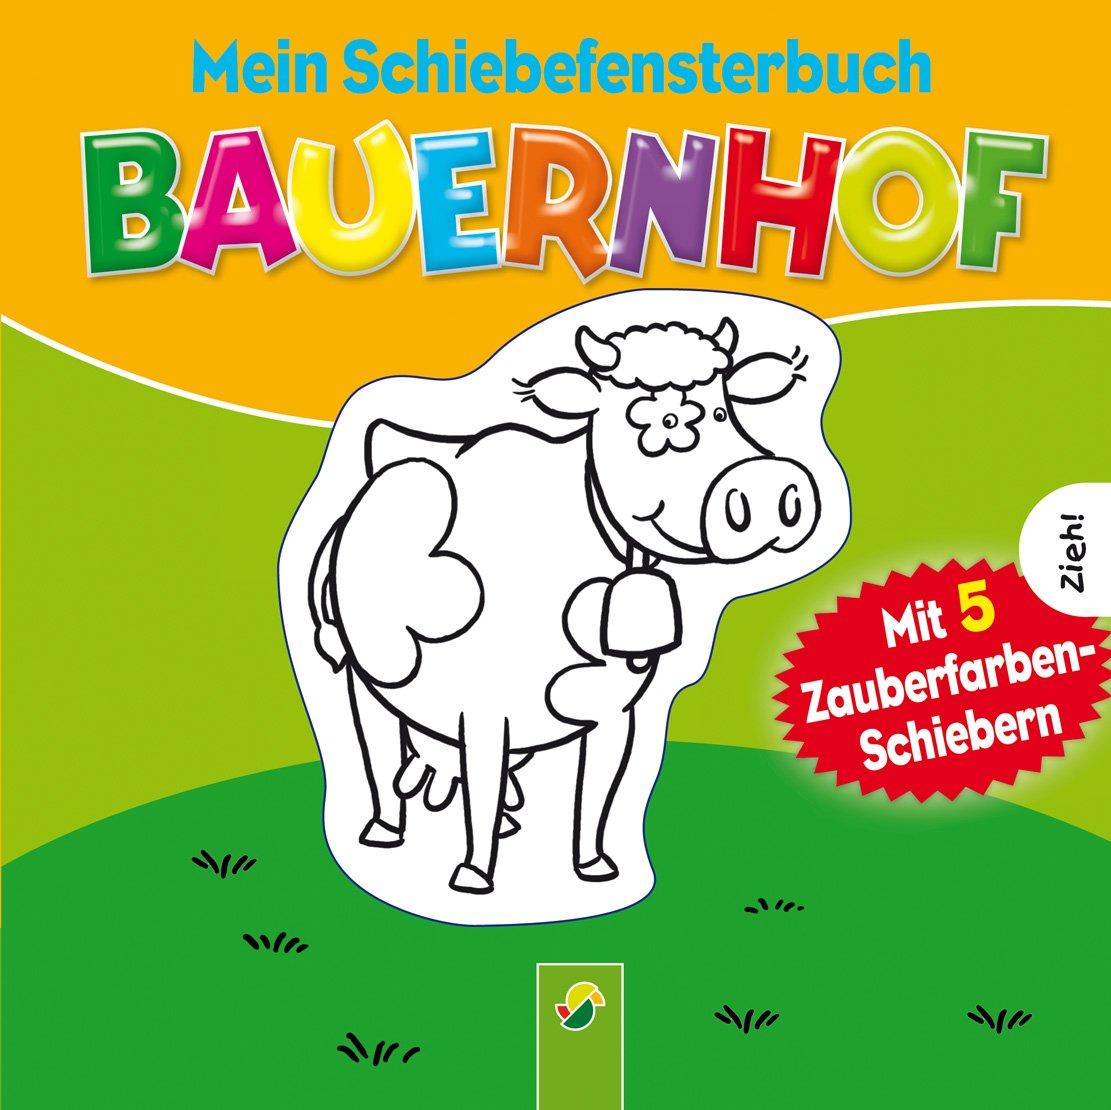 Mein Schiebefensterbuch - Bauernhof